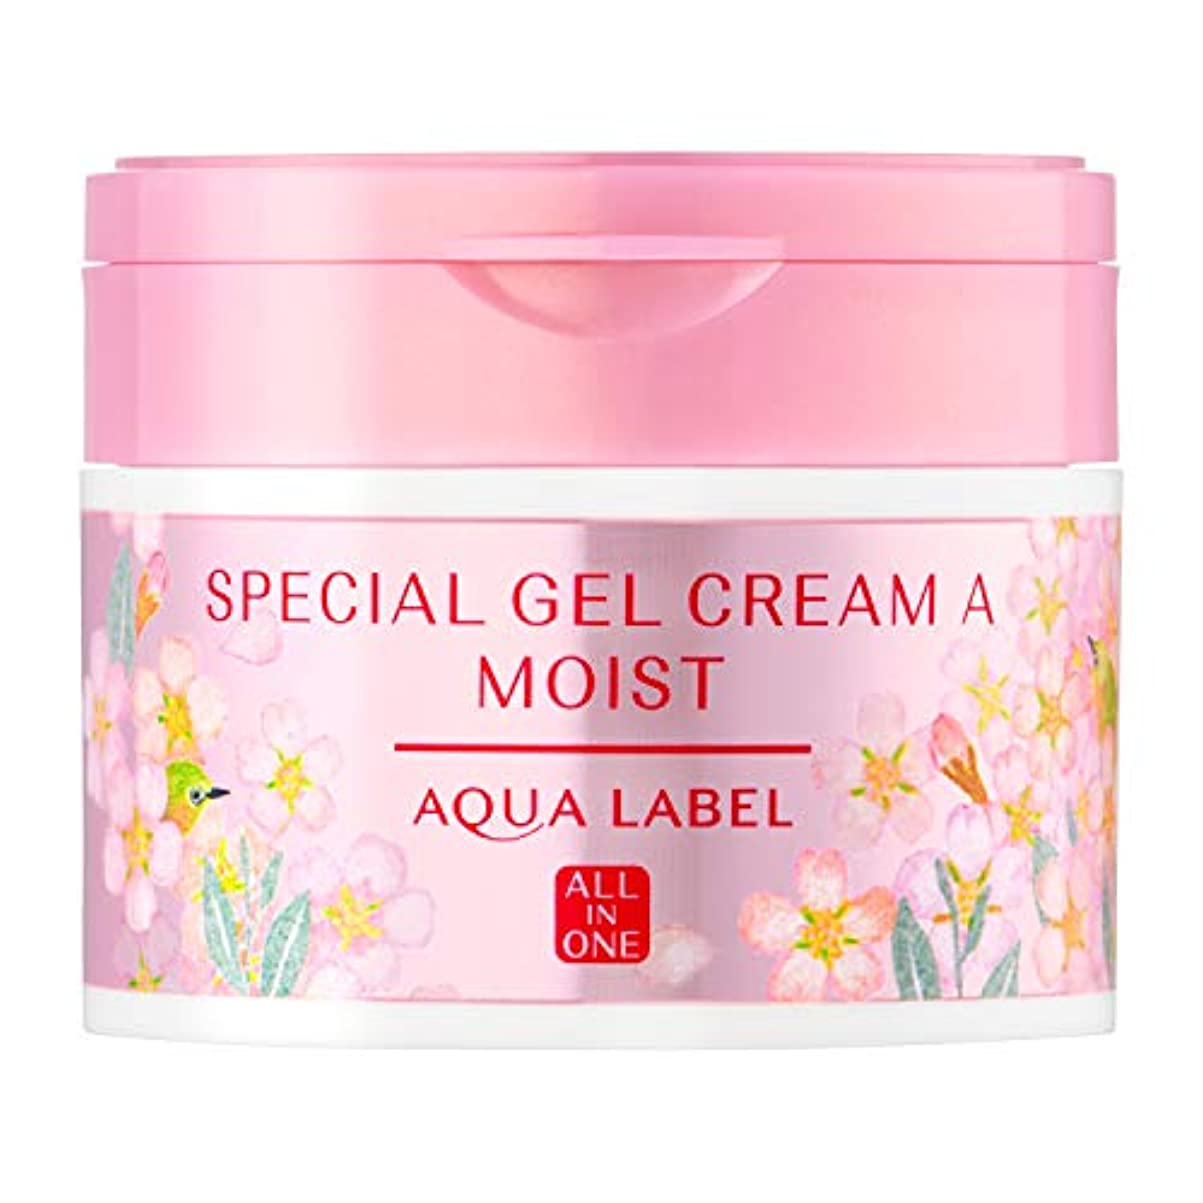 ふさわしい処方常習者AQUALABEL(アクアレーベル) アクアレーベル スペシャルジェルクリームA (モイスト) 桜の香り 単品 本体(桜の香り)90g